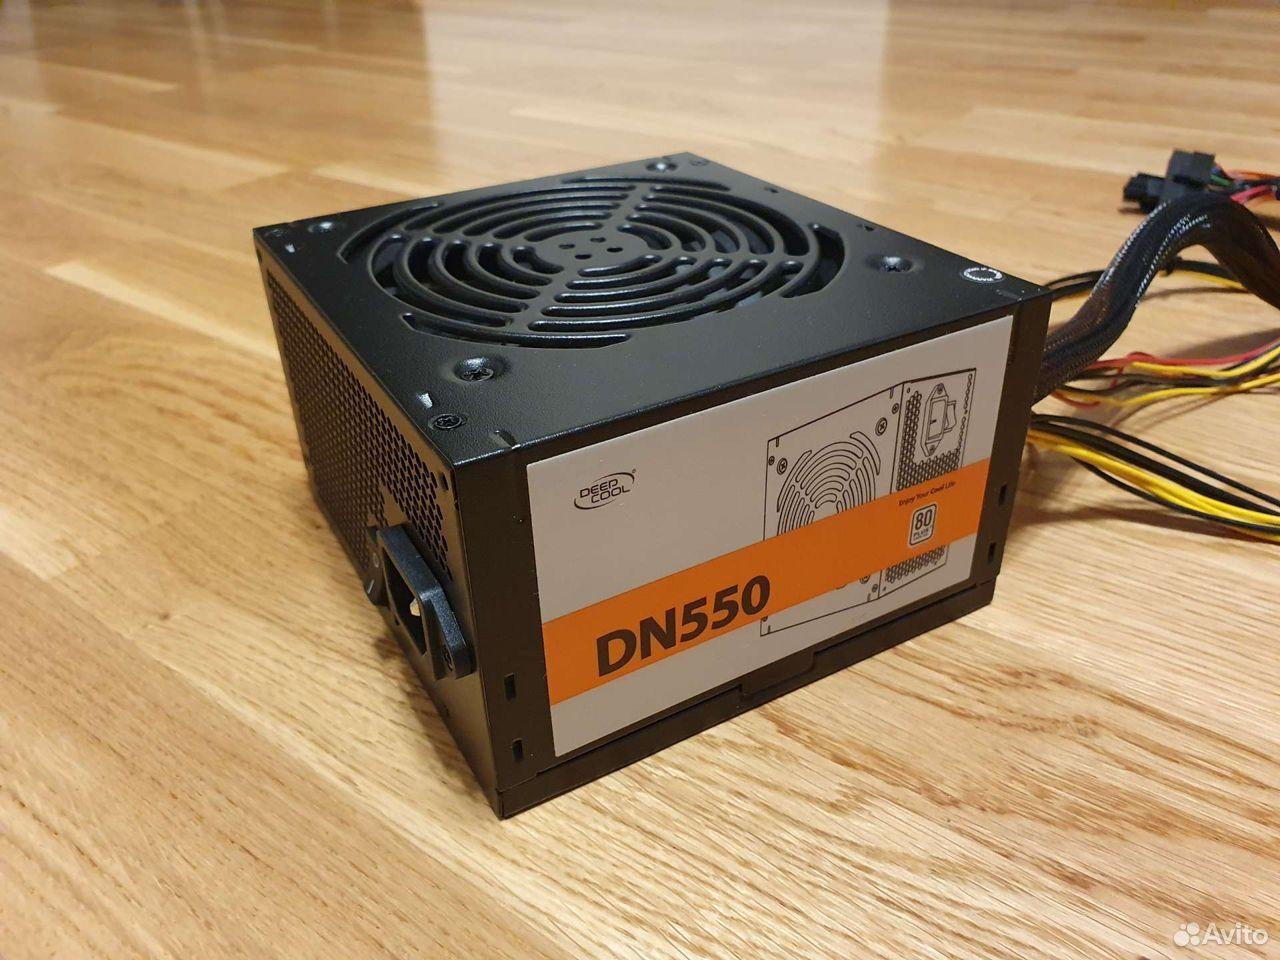 Блок питания Deepcool DN550  89889948824 купить 1